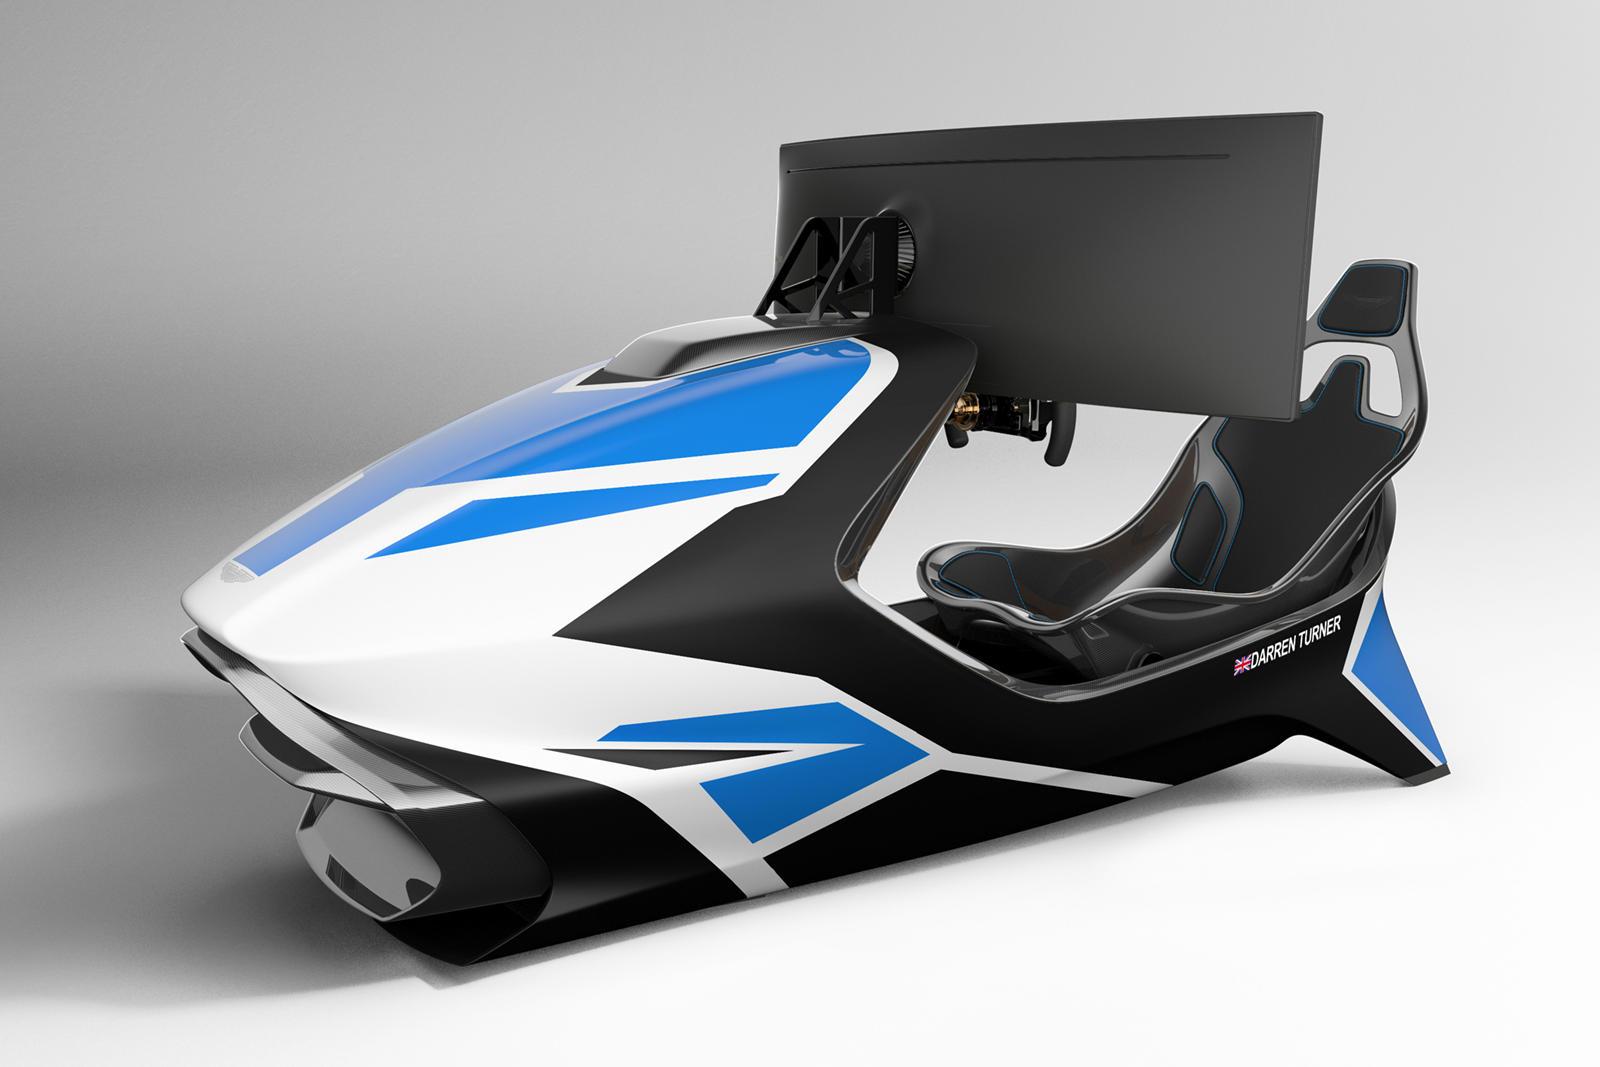 Но если вы хотите максимального погружения, вам понадобится руль и гоночное сиденье. Впервые Aston Martin запускает собственный гоночный симулятор, предназначенный для гонщиков, которые хотят потренироваться перед следующей гонкой, а также для заядлы